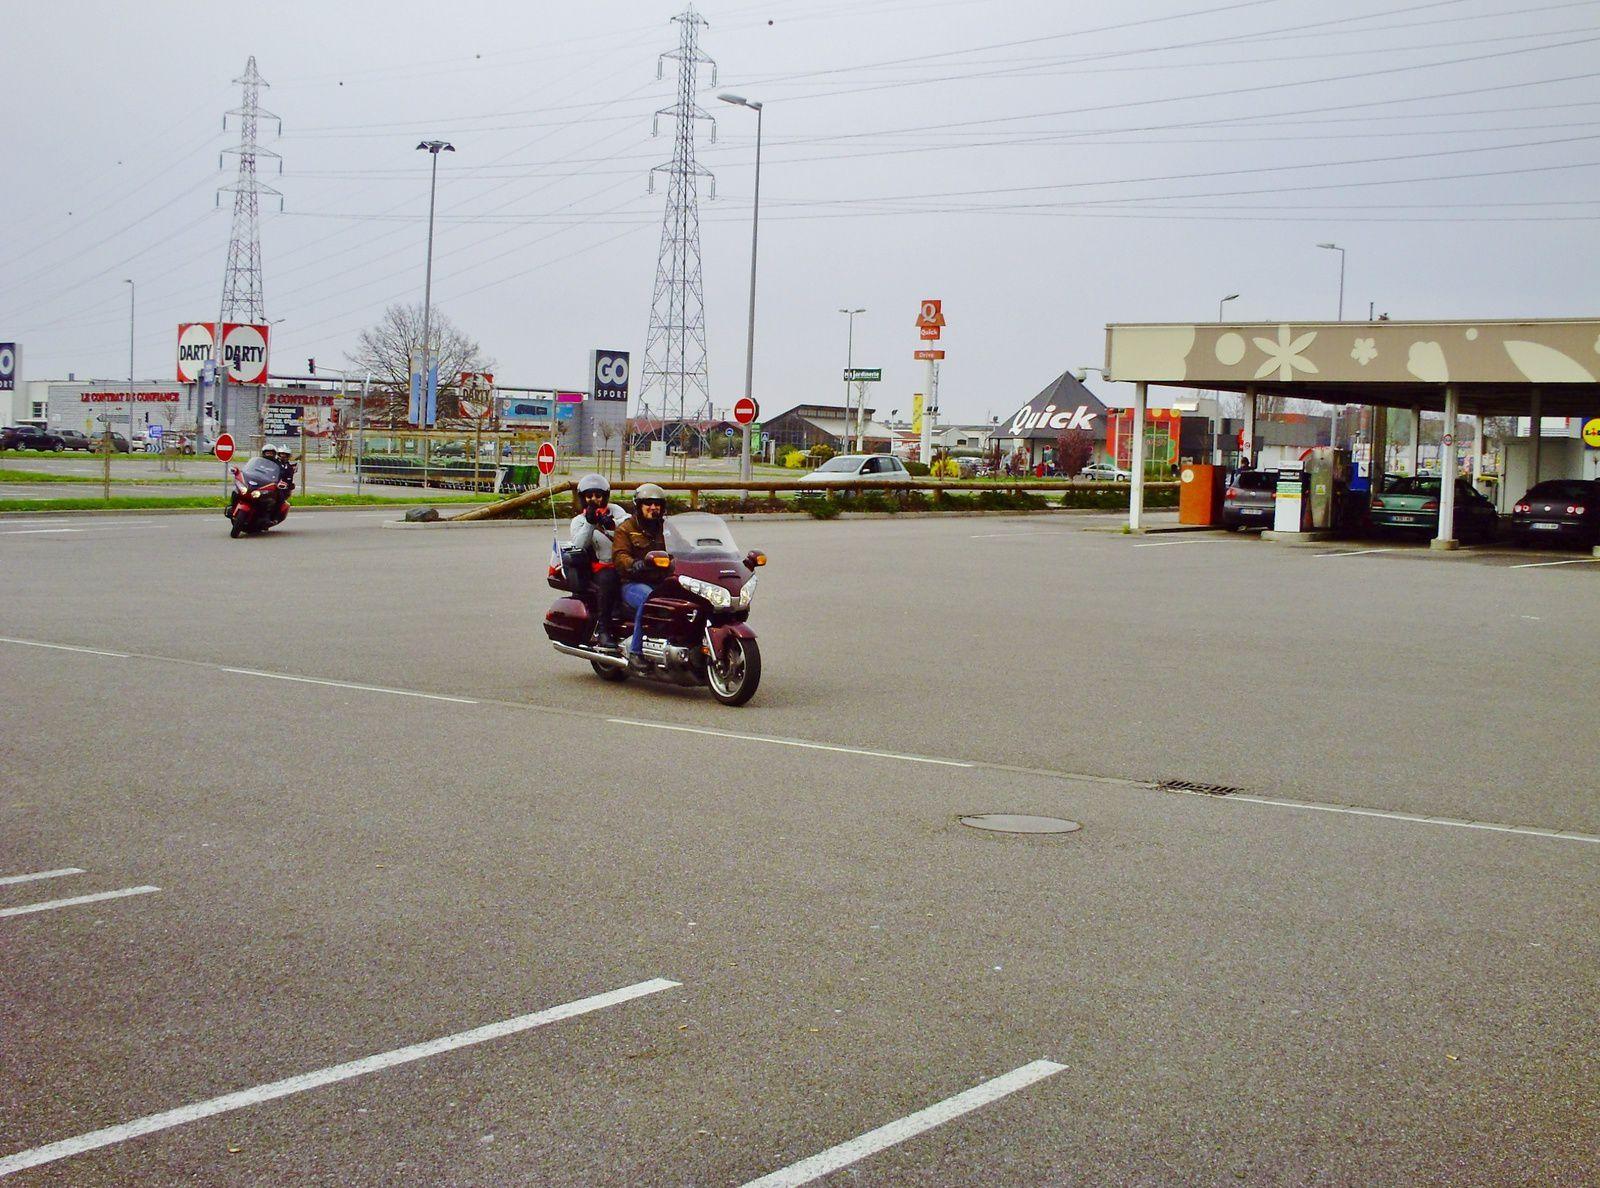 Goldwing - Petite ballade dominicale avec des motos de 1983 à 2016 vers Kaltenhouse